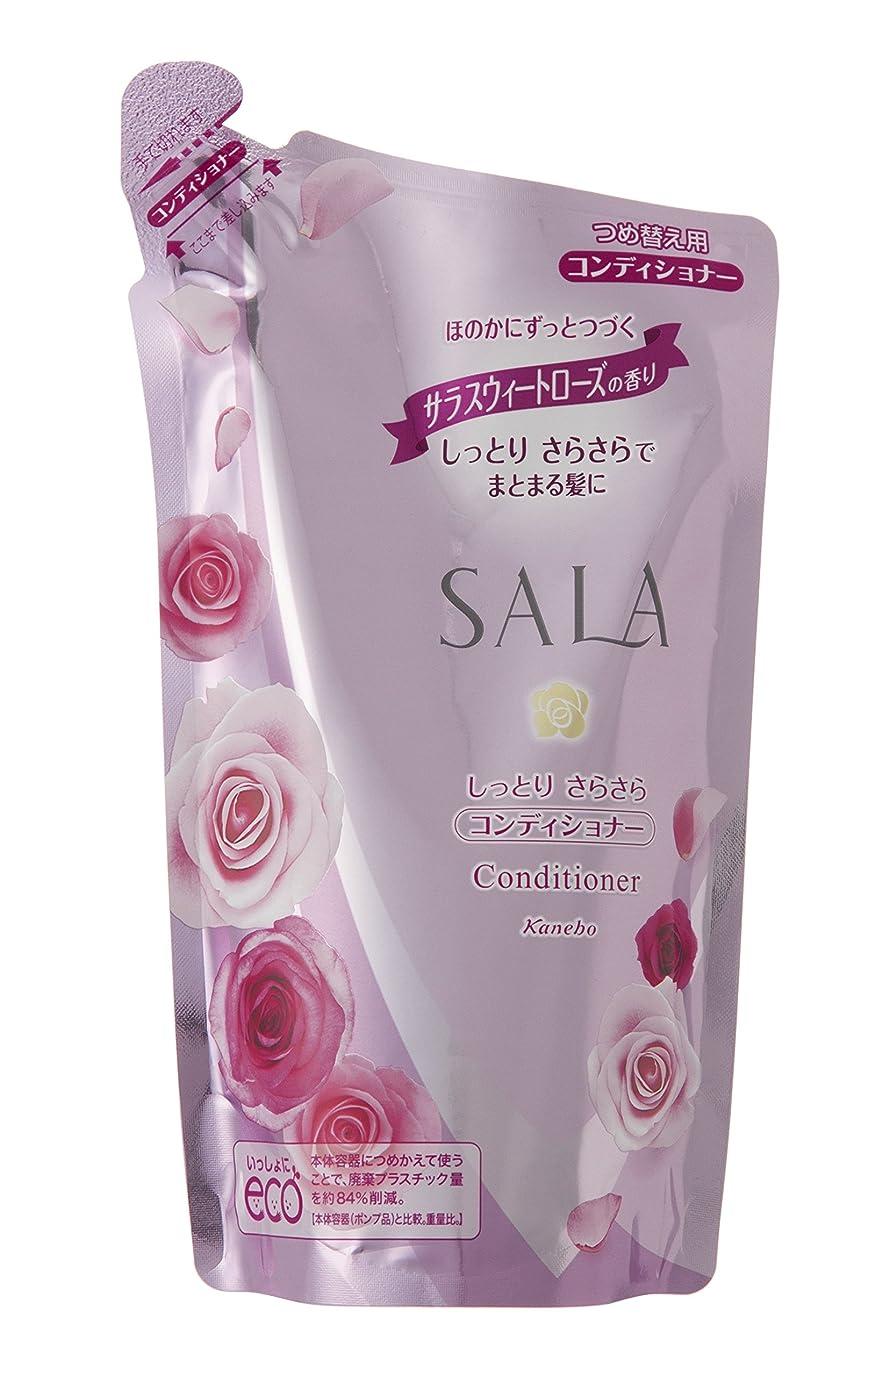 付与早める息子サラ コンディショナー しっとりさらさら サラスウィートローズの香り